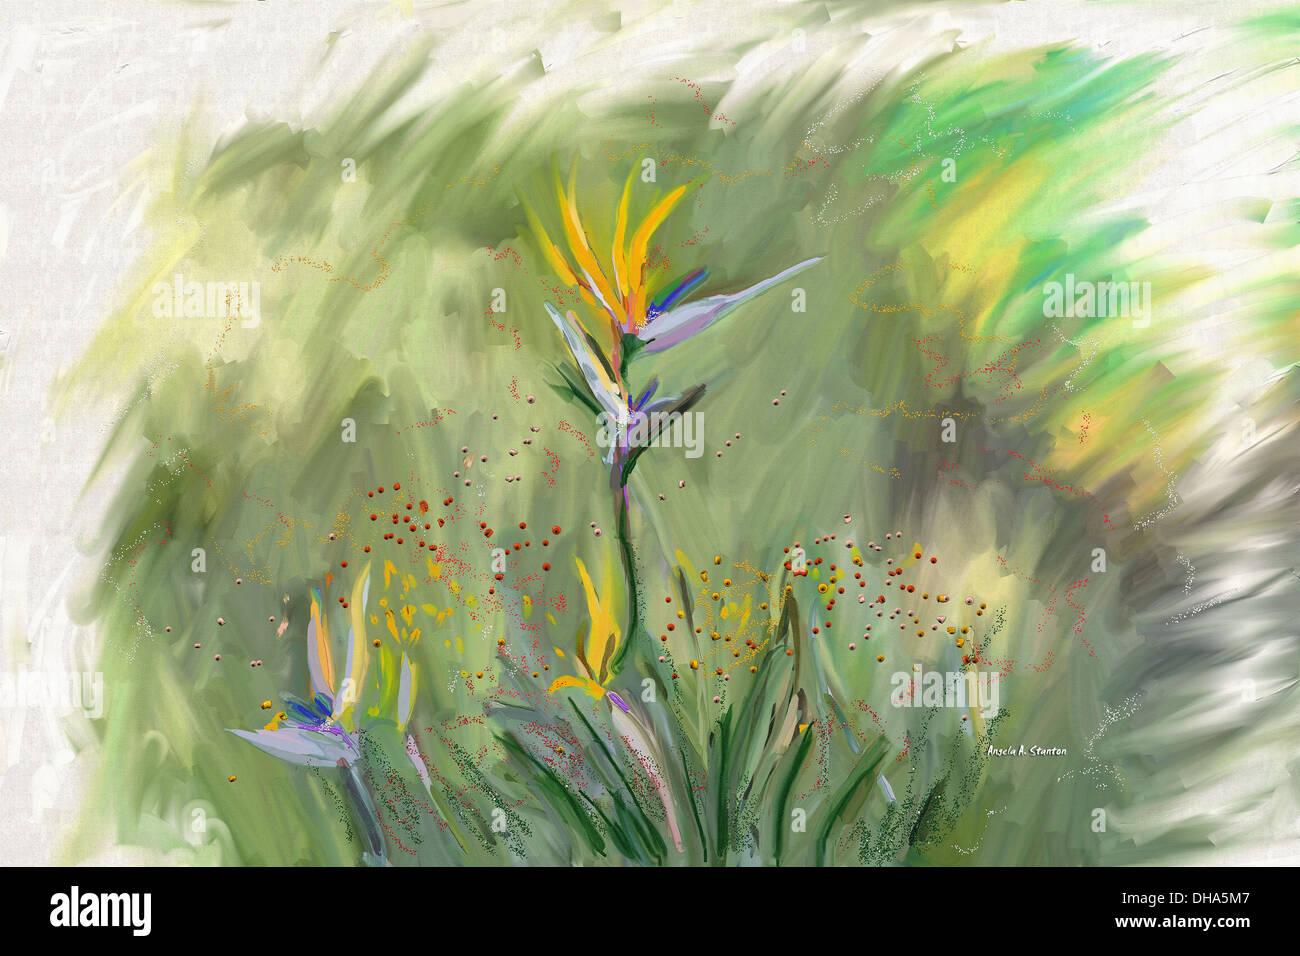 Computer immagine generata di fiori Immagini Stock